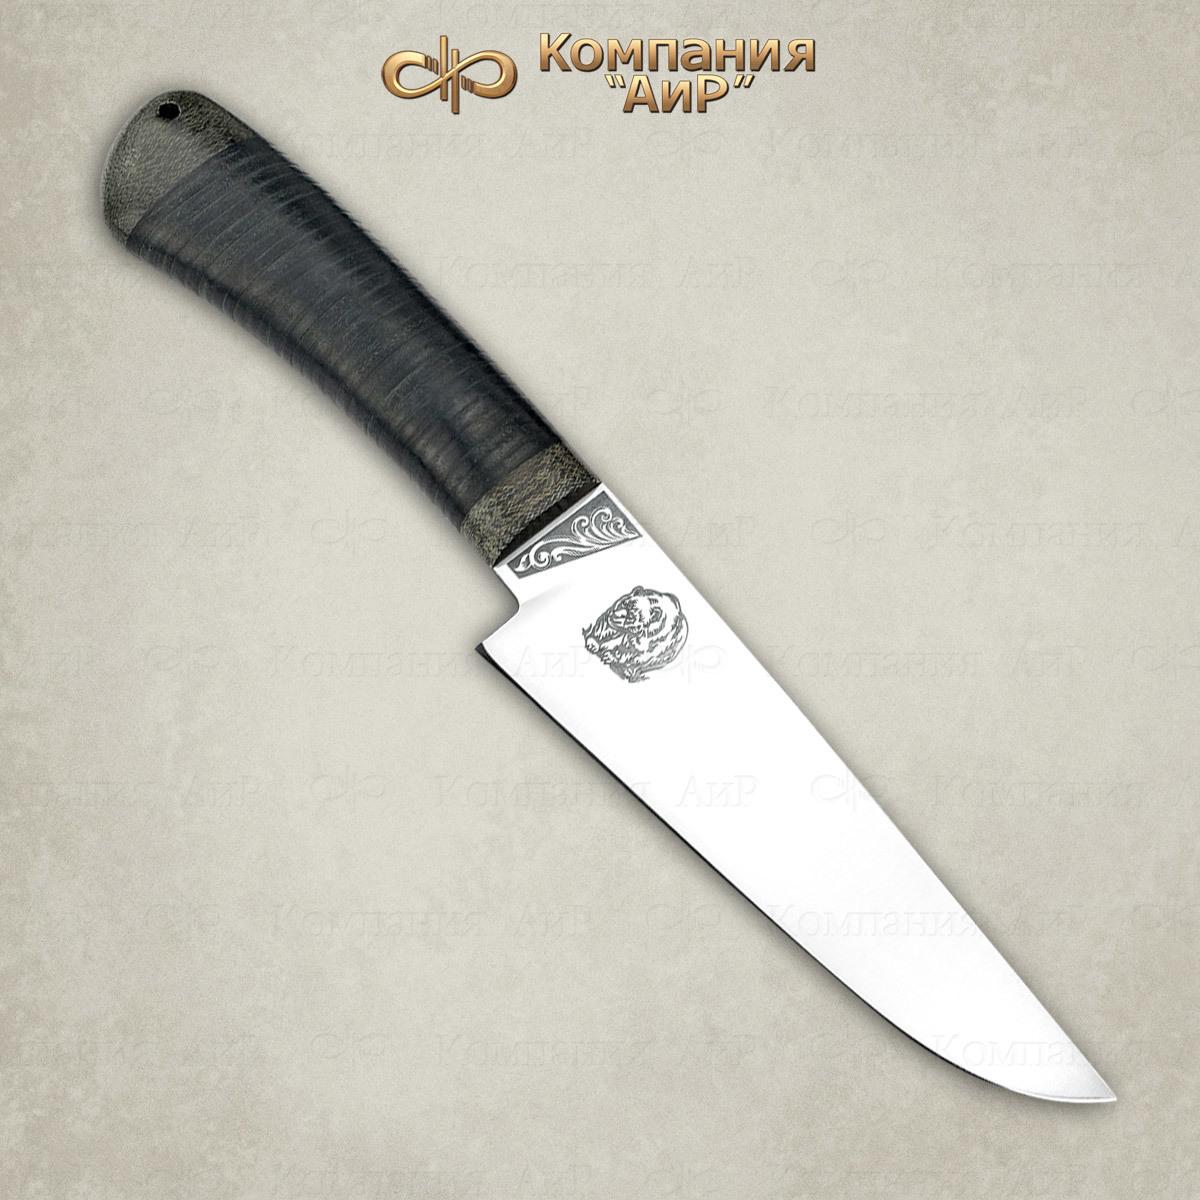 Нож Барибал 95х18, кожа, АиР нож барибал 95х18 орех аир